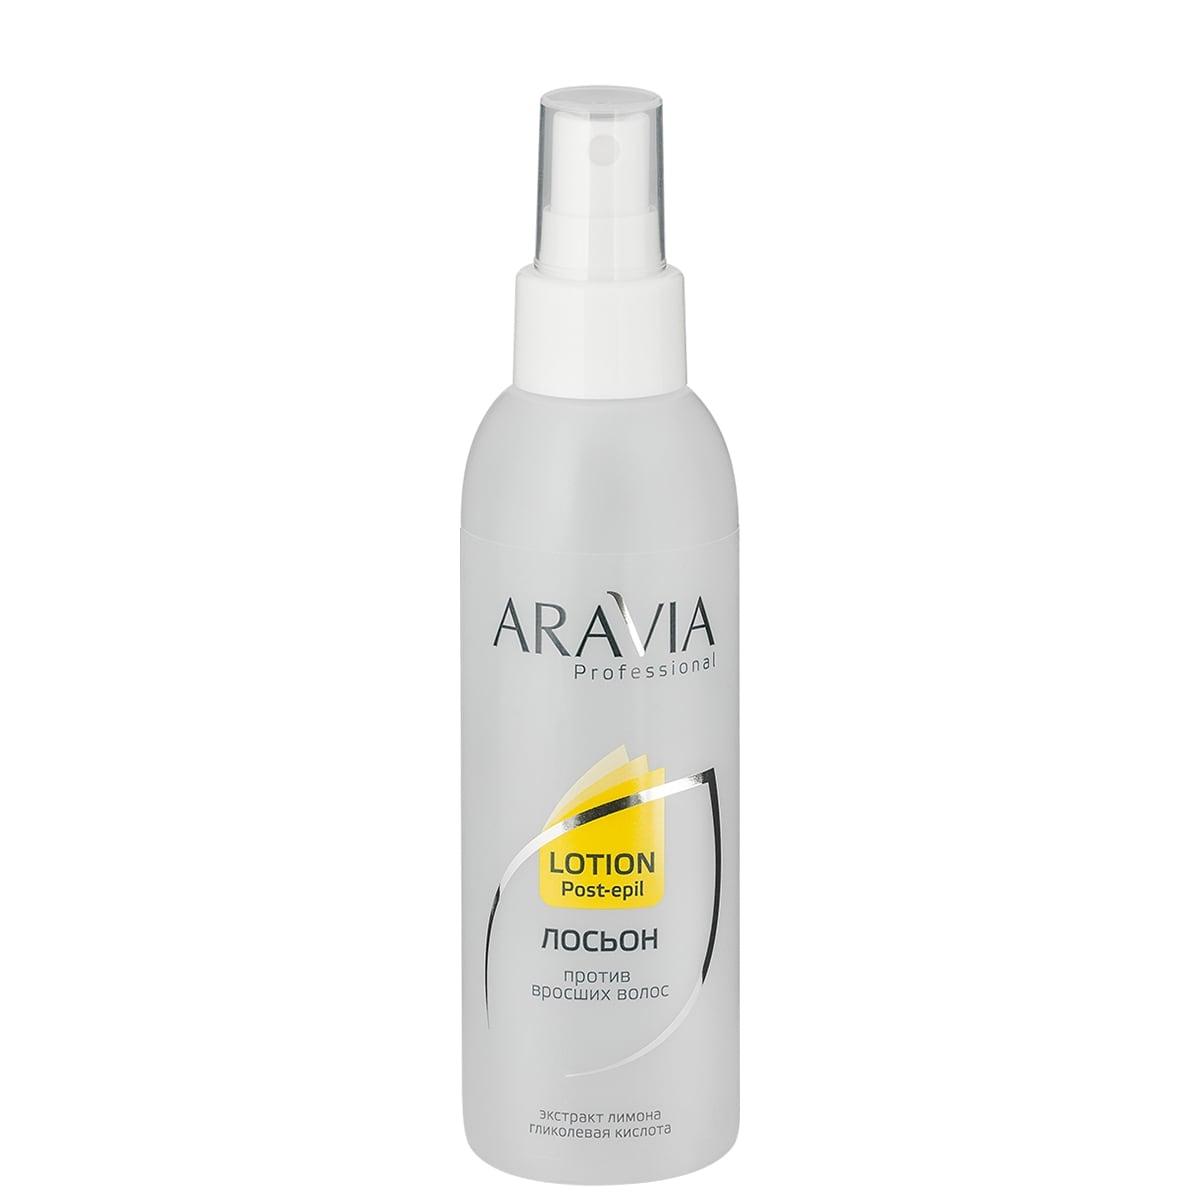 ARAVIA Лосьон Post-epil Против Вросших Волос с Экстрактом Лимона, 150 мл аравия против вросших волос